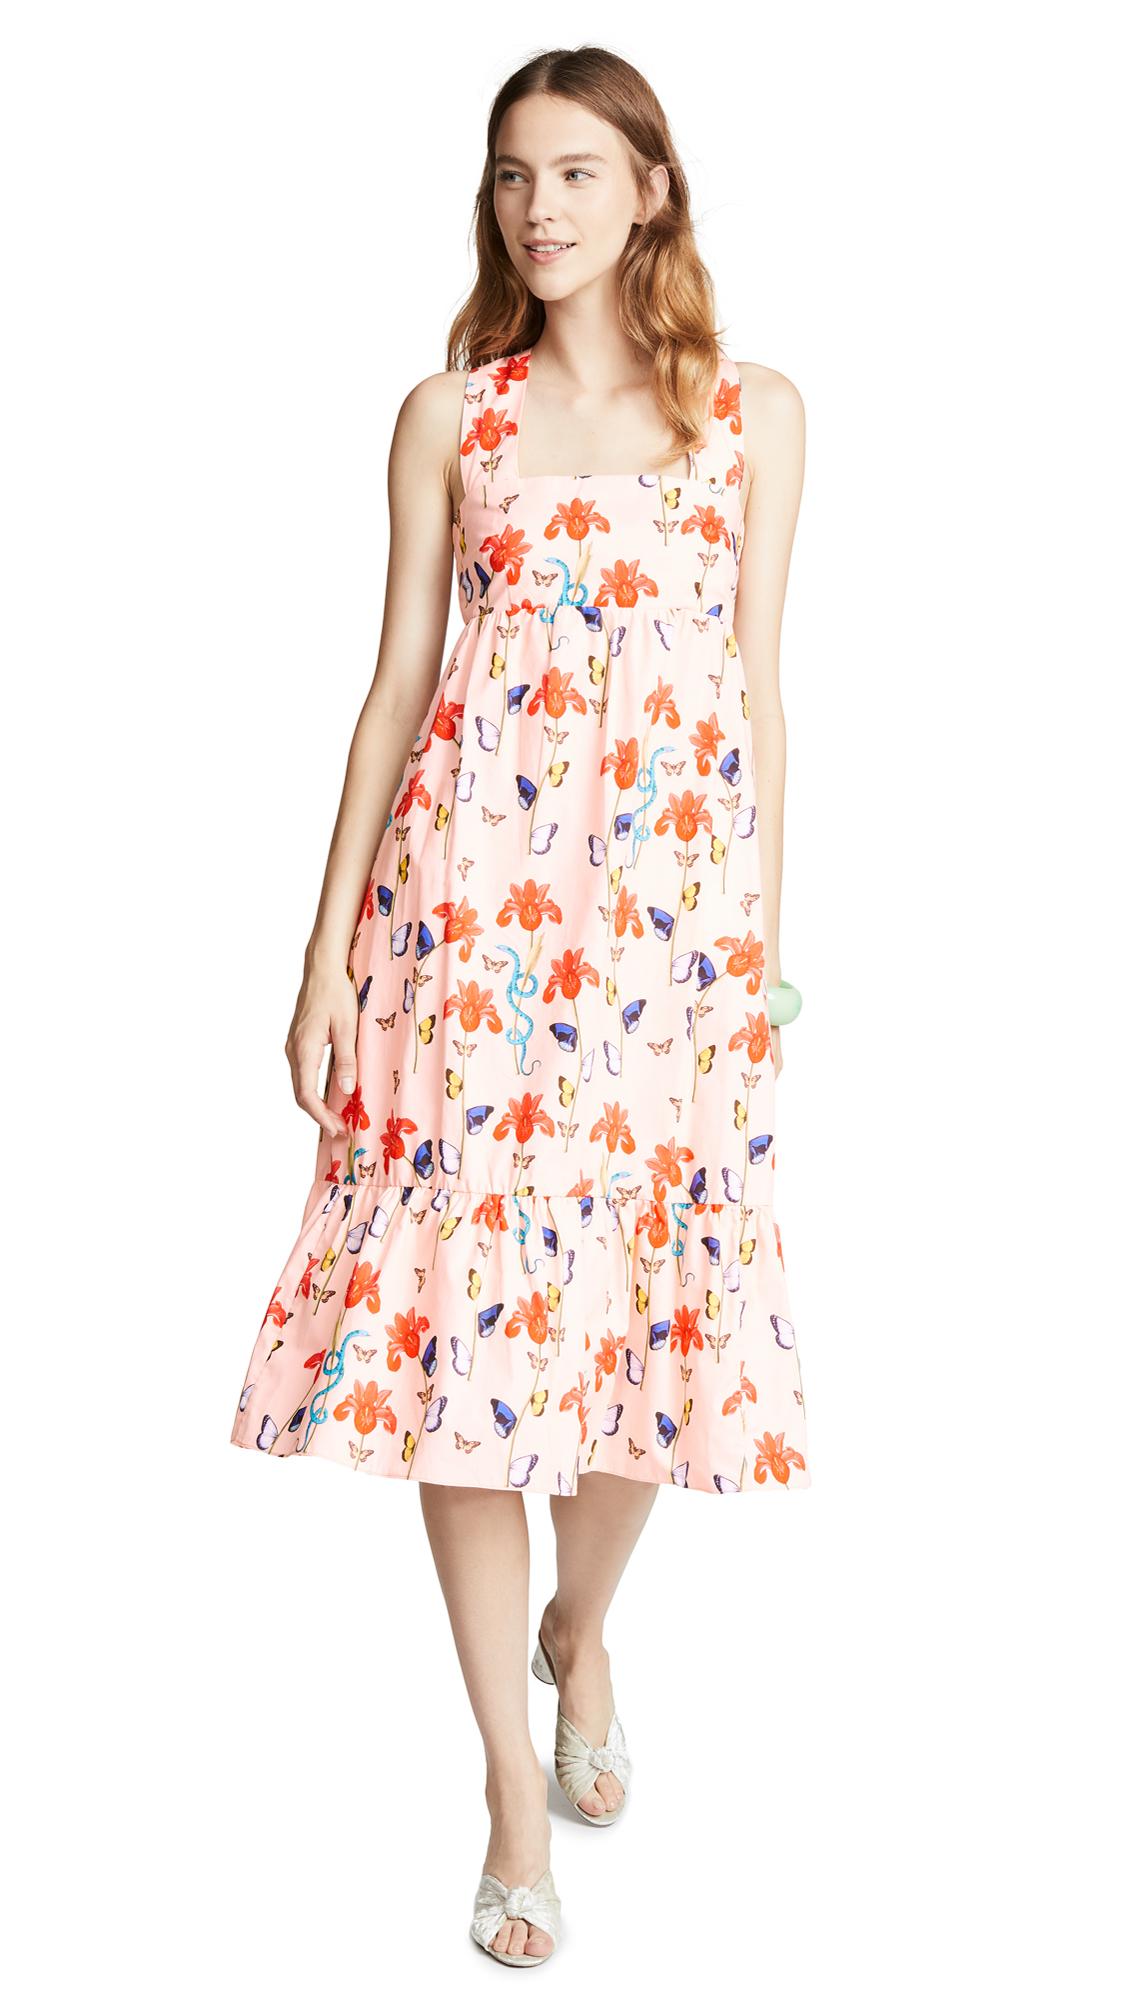 Borgo de Nor Marte Floral Dress